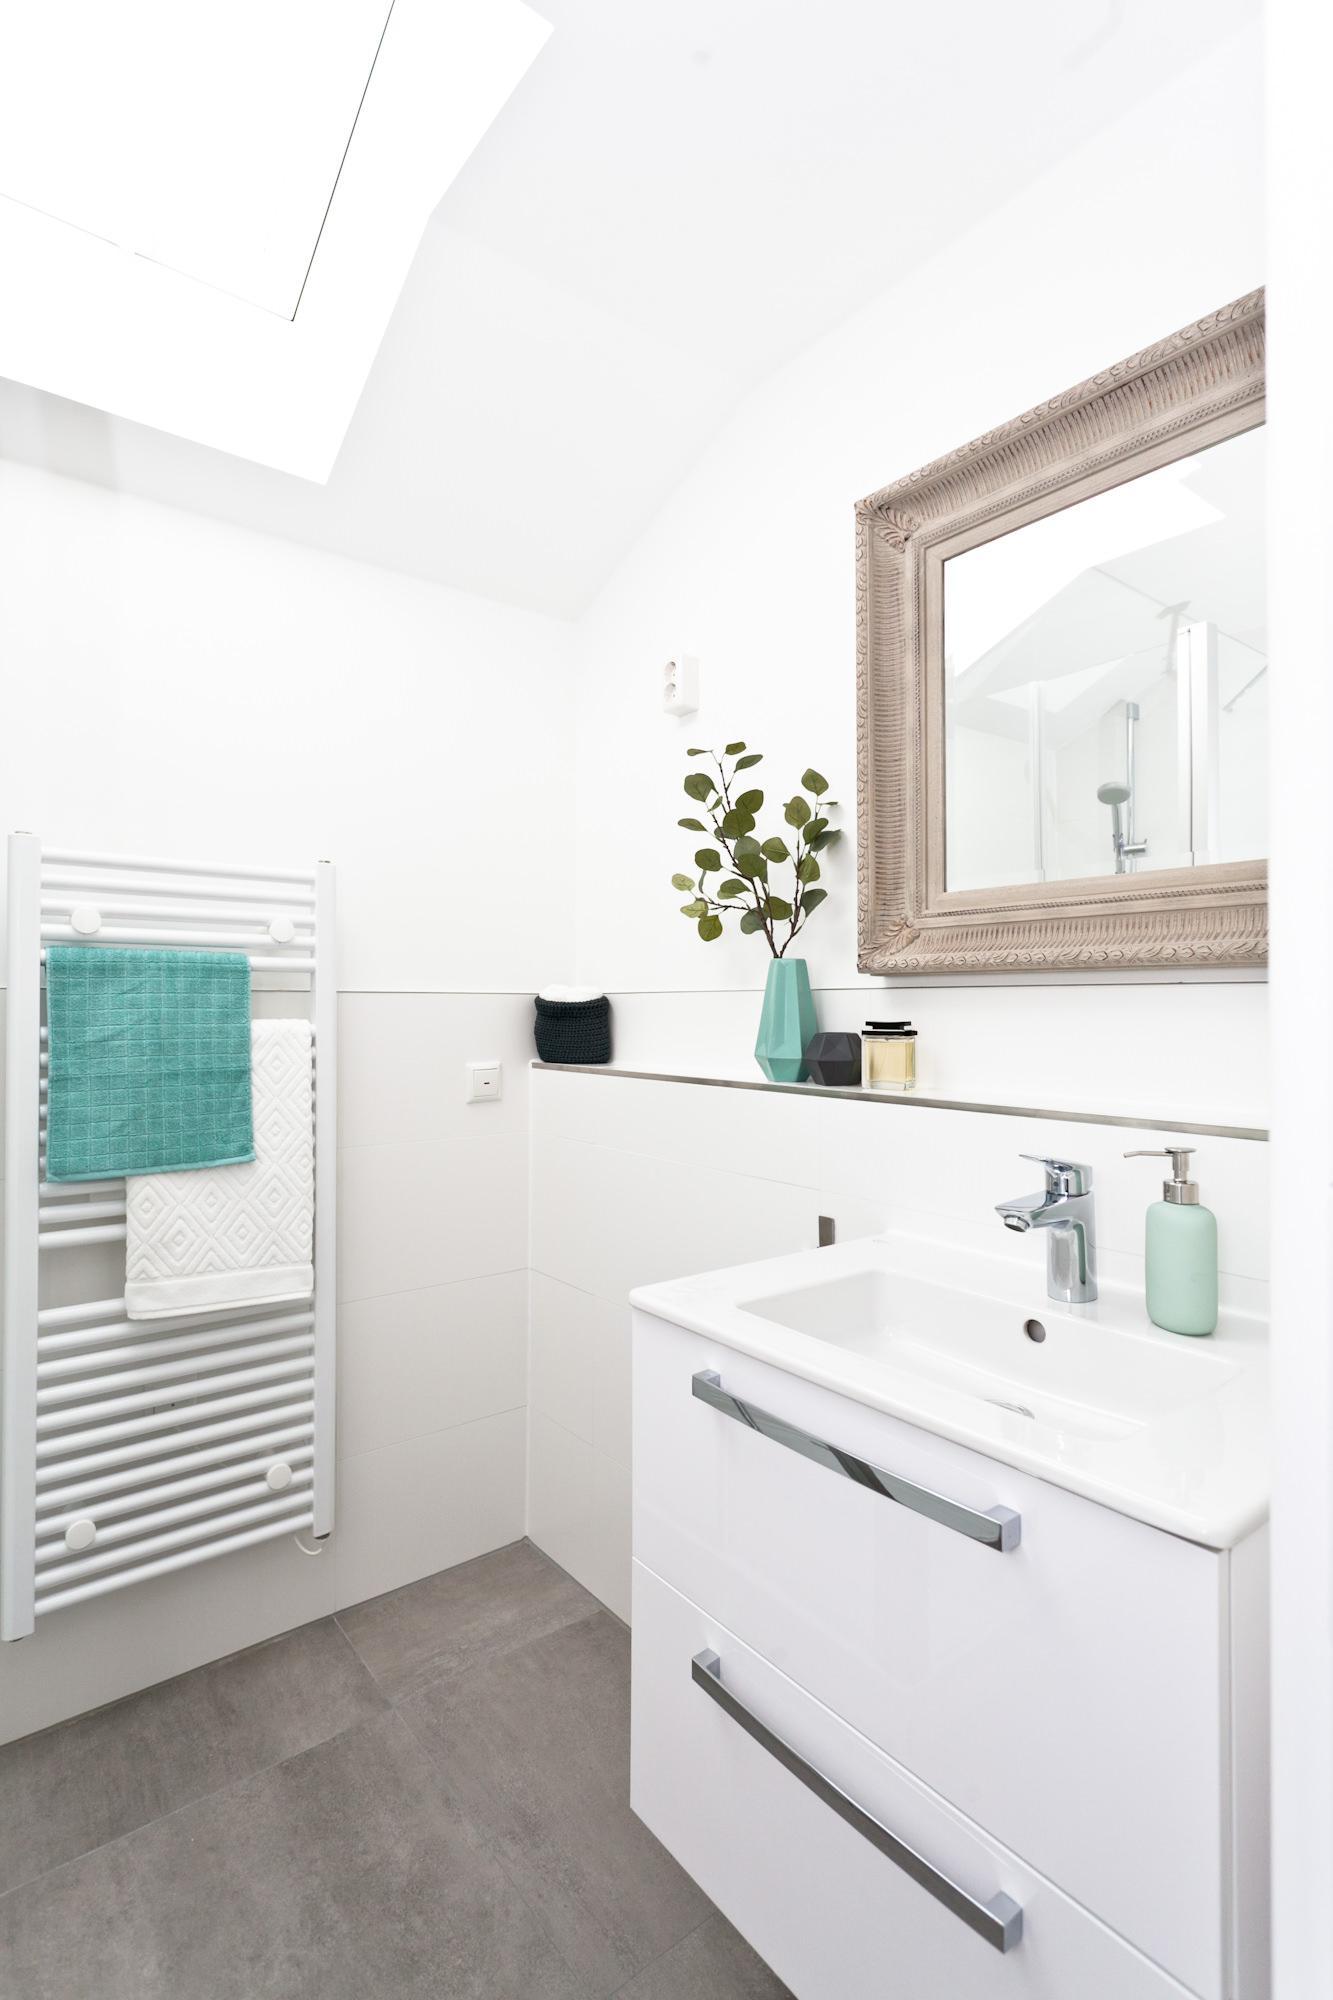 Badrenovierung Kleines Bad badrenovierung bilder ideen couchstyle